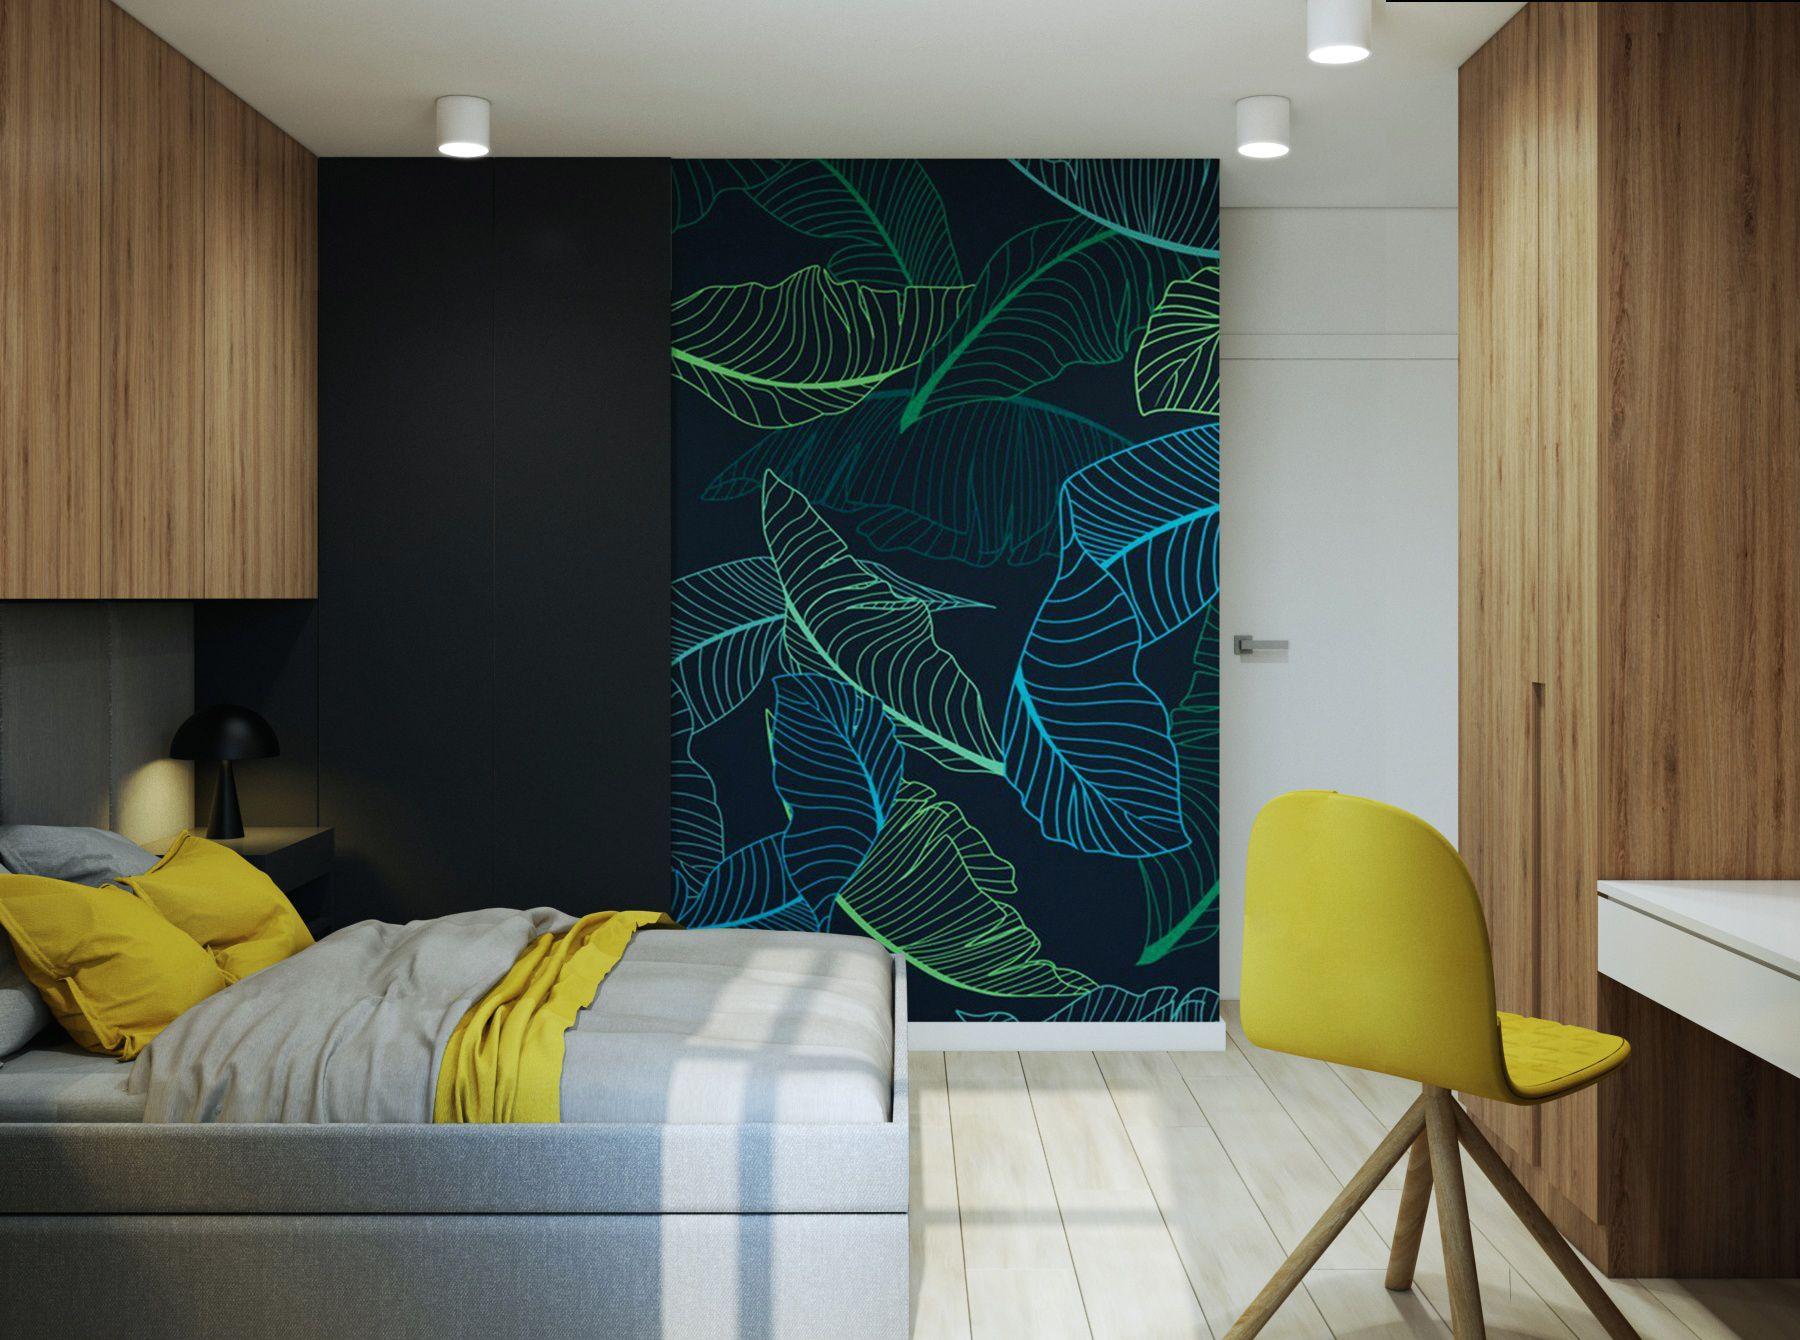 Sypialnia Z Motywem Zieleni Wnętrza Macz Architektura